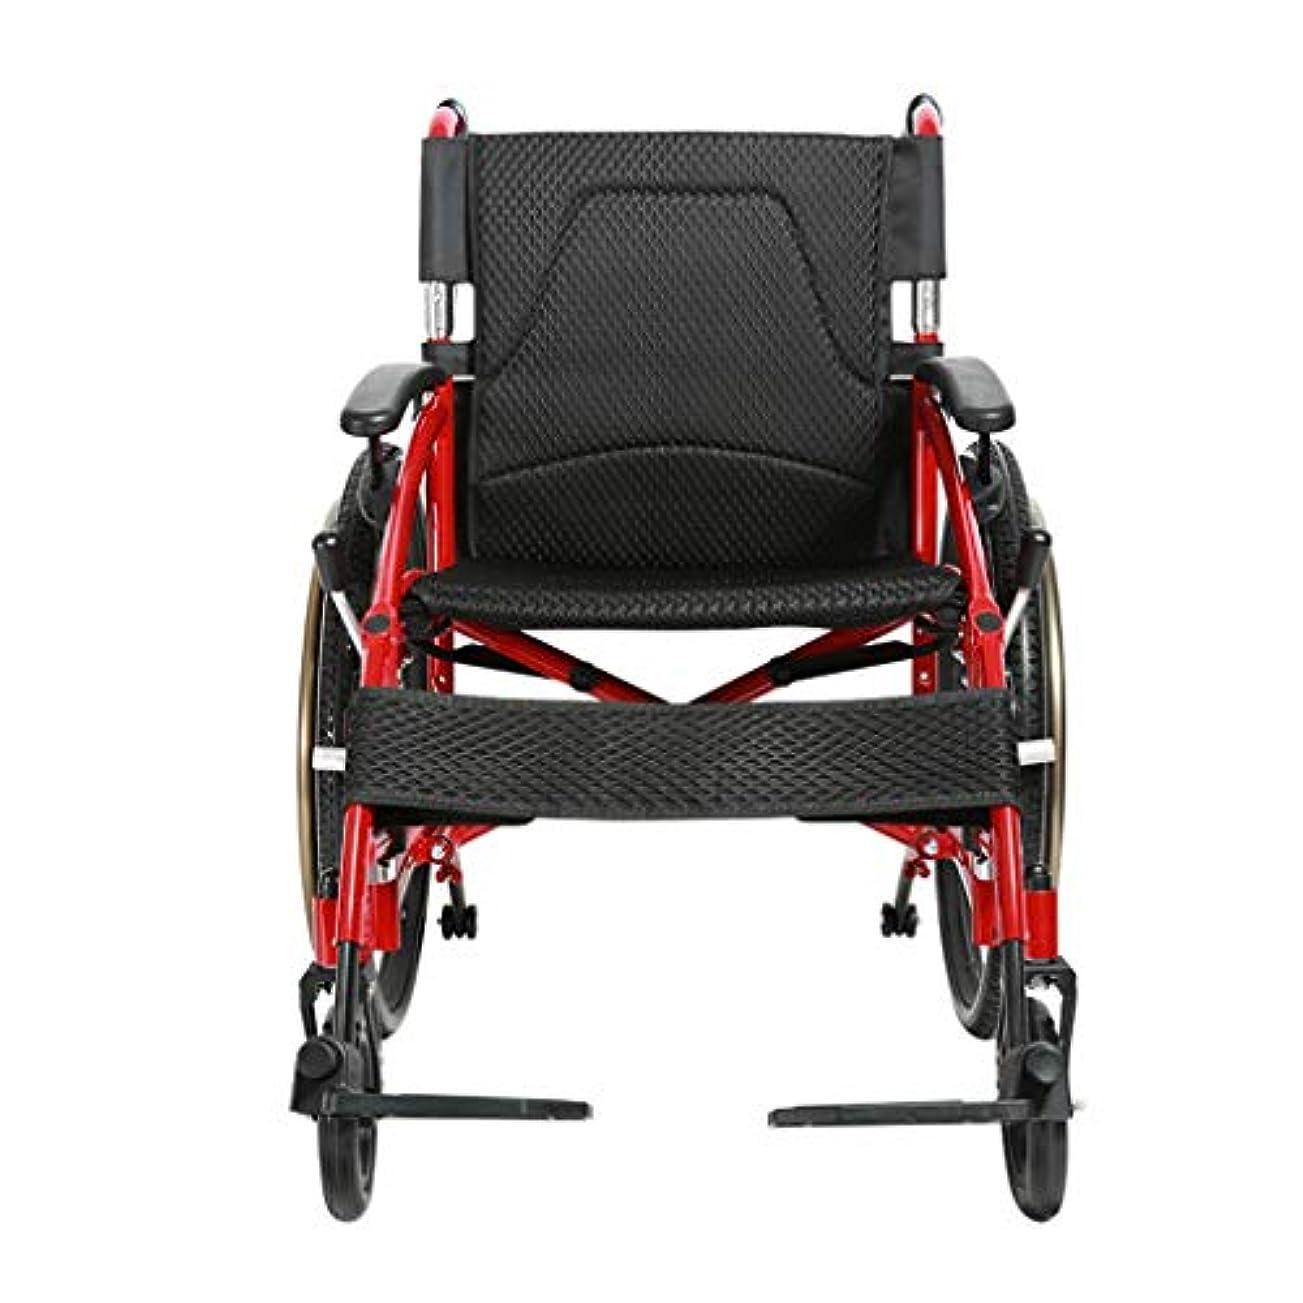 ベッド見分ける上がる手押し式車椅子、折りたたみ式、手回し式プッシュ式歩行装置、大人および身体障害者用アルミニウム製トラベルスクーターに適しています